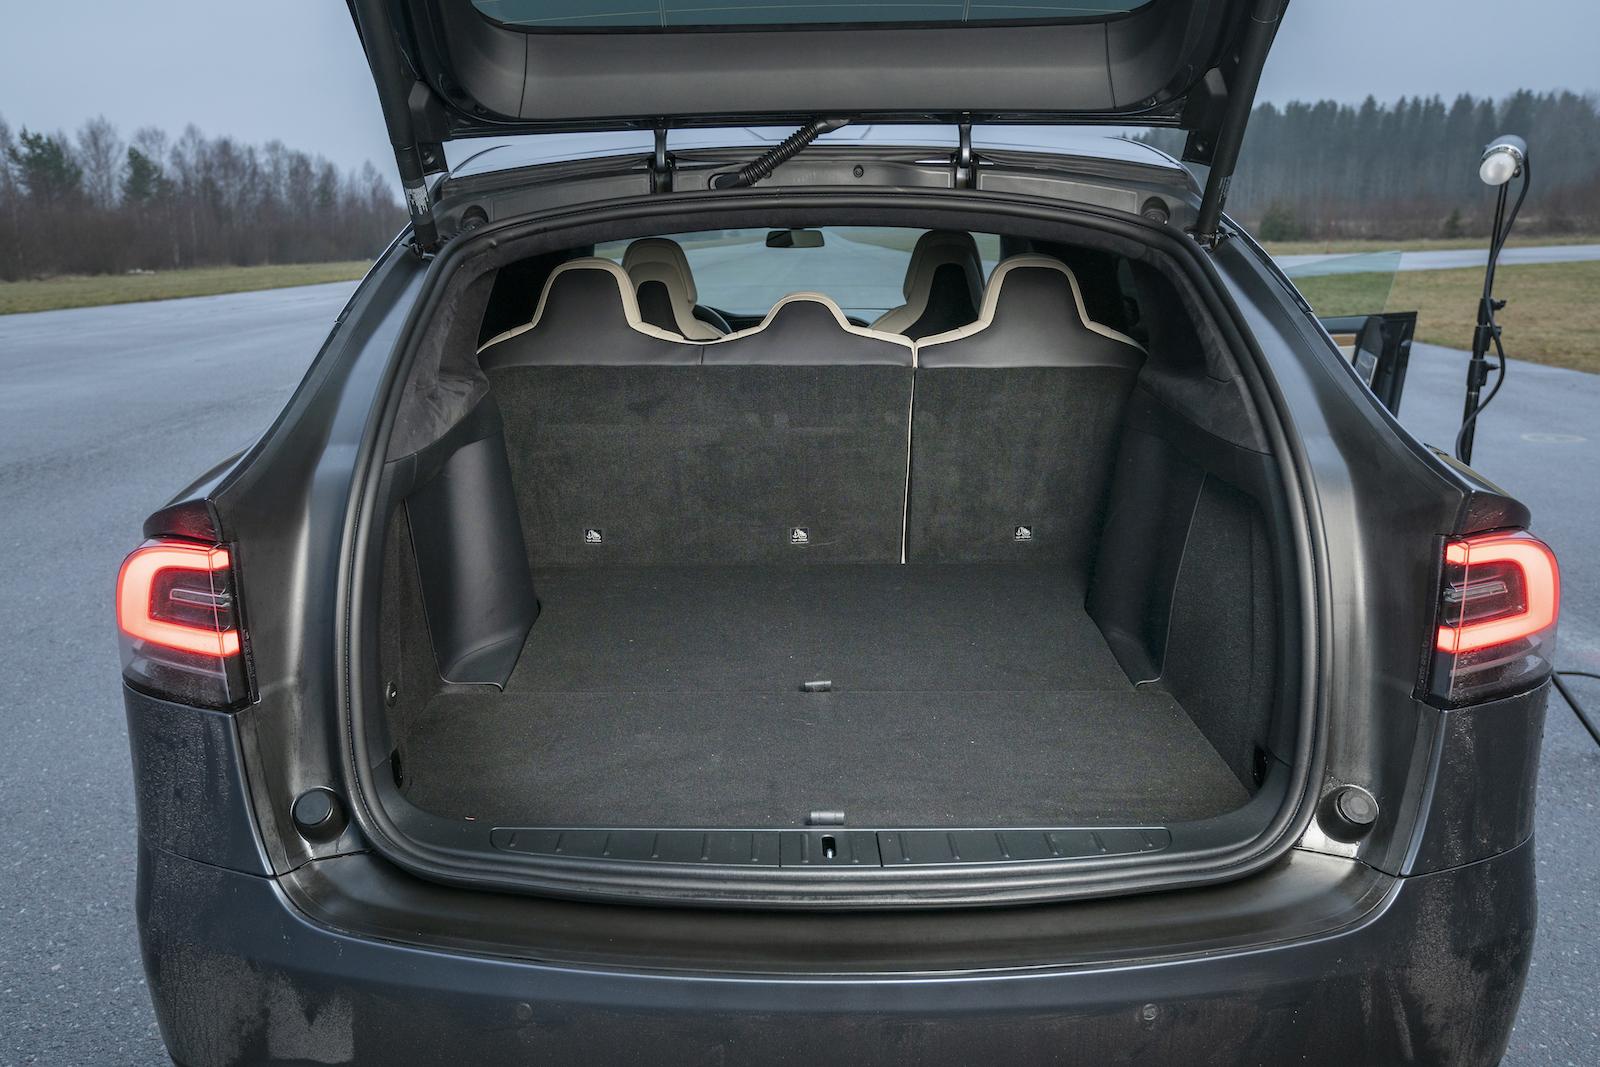 Tesla: Ensam om dubbelt lastgolv, med golvet på plats blir lastytan plan vid fällt säte. Trots den kraftigt sluttande bakrutan sväljer Model X 48 läskebackar, ytterligare två om det främre lastutrymmet räknas in. Två lastsäkringsöglor men fler behövs för att säkert kunna använda bilens förträffliga lastkapacitet.